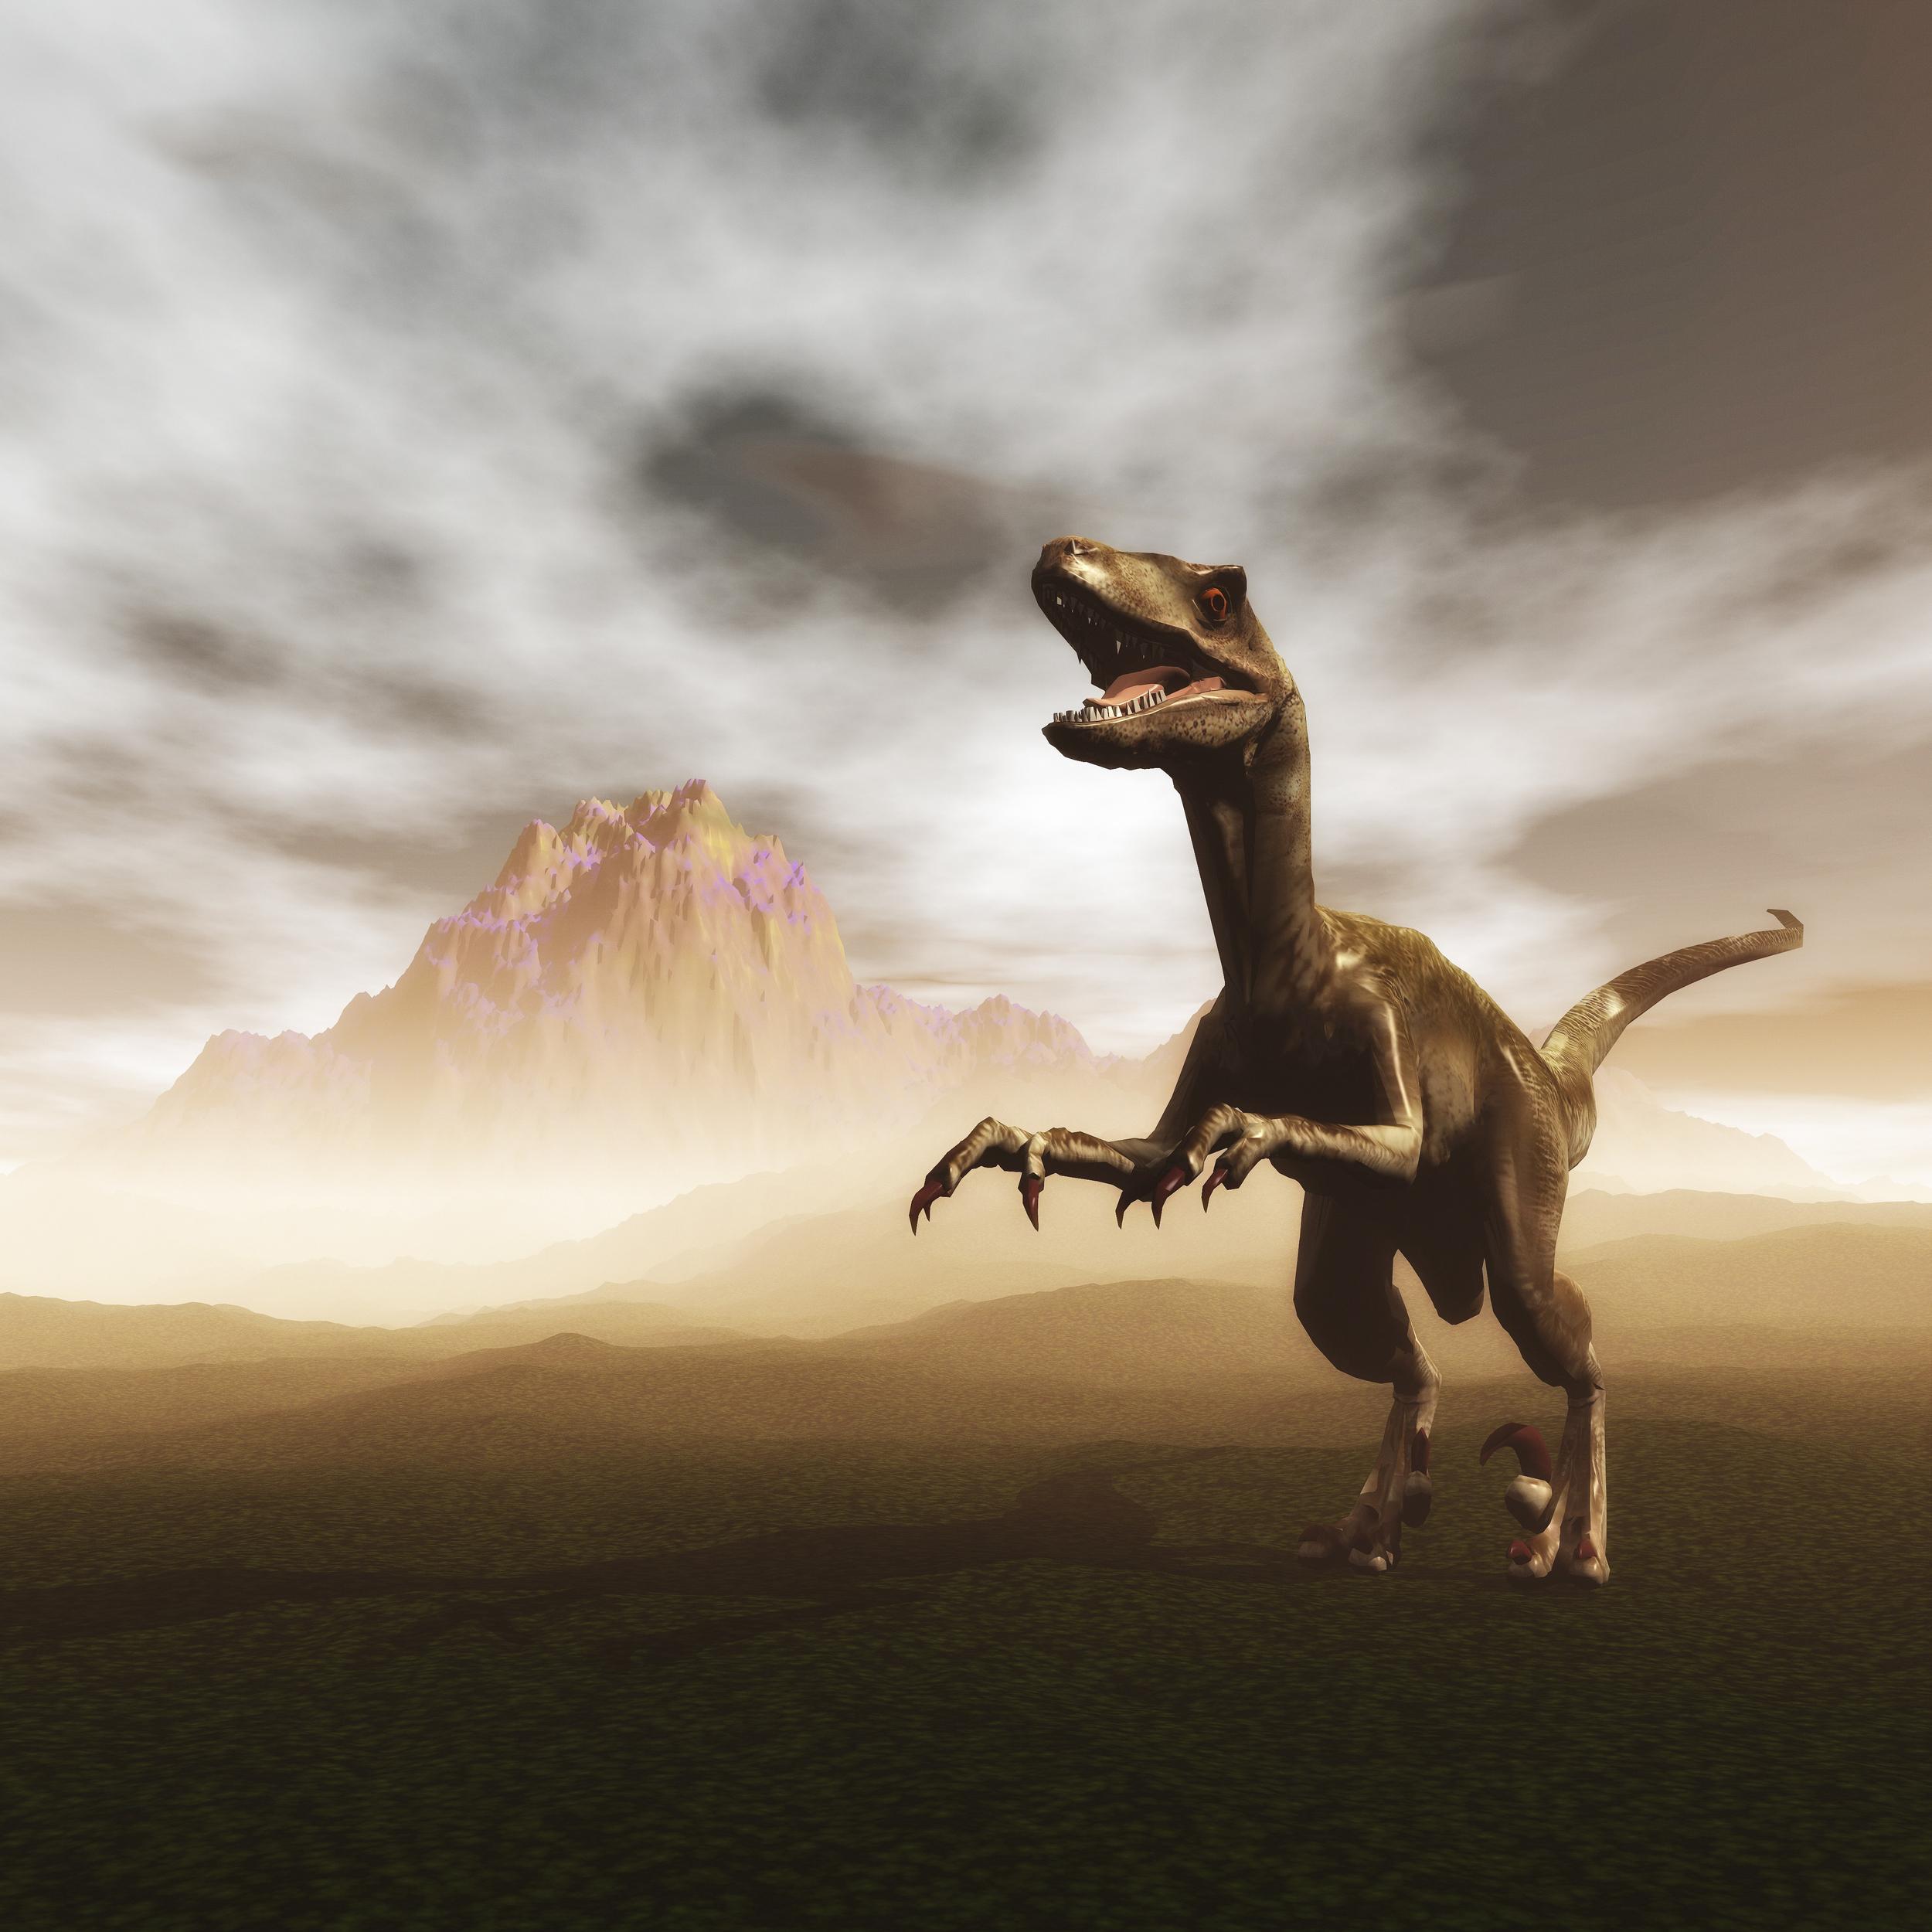 dinosaur_Mk-75Xc_.jpg